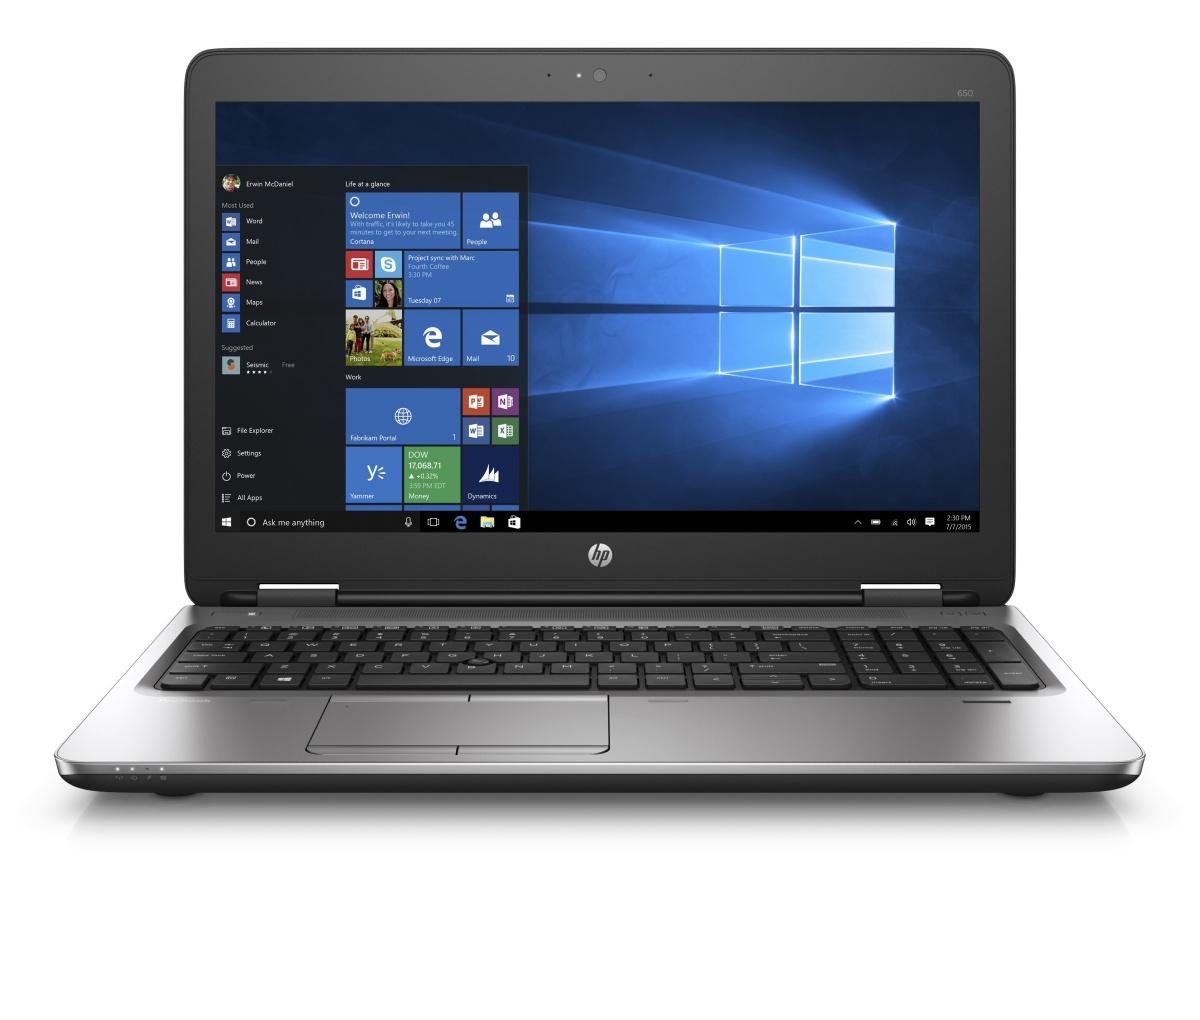 HP ProBook 650 G2 i5-6200U / 4GB / 256GB SSD / 15,6'' FHD / backlit kbd / Win 10 Pro + Win 7 Pro